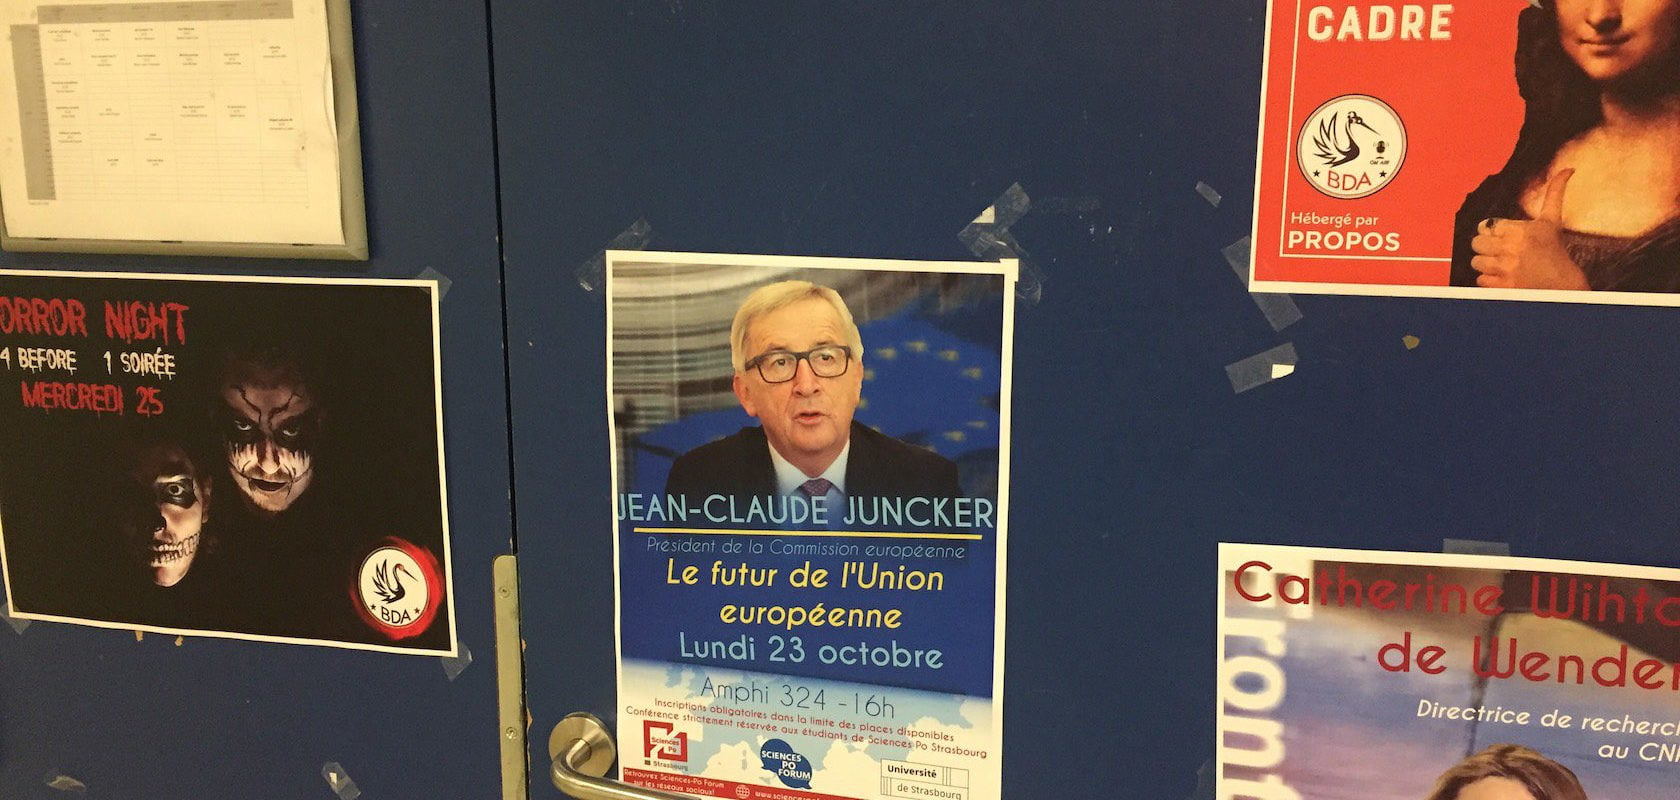 Pour sauver l'Europe, Jean-Claude Juncker mouille sa chemise (mais pas trop quand même)